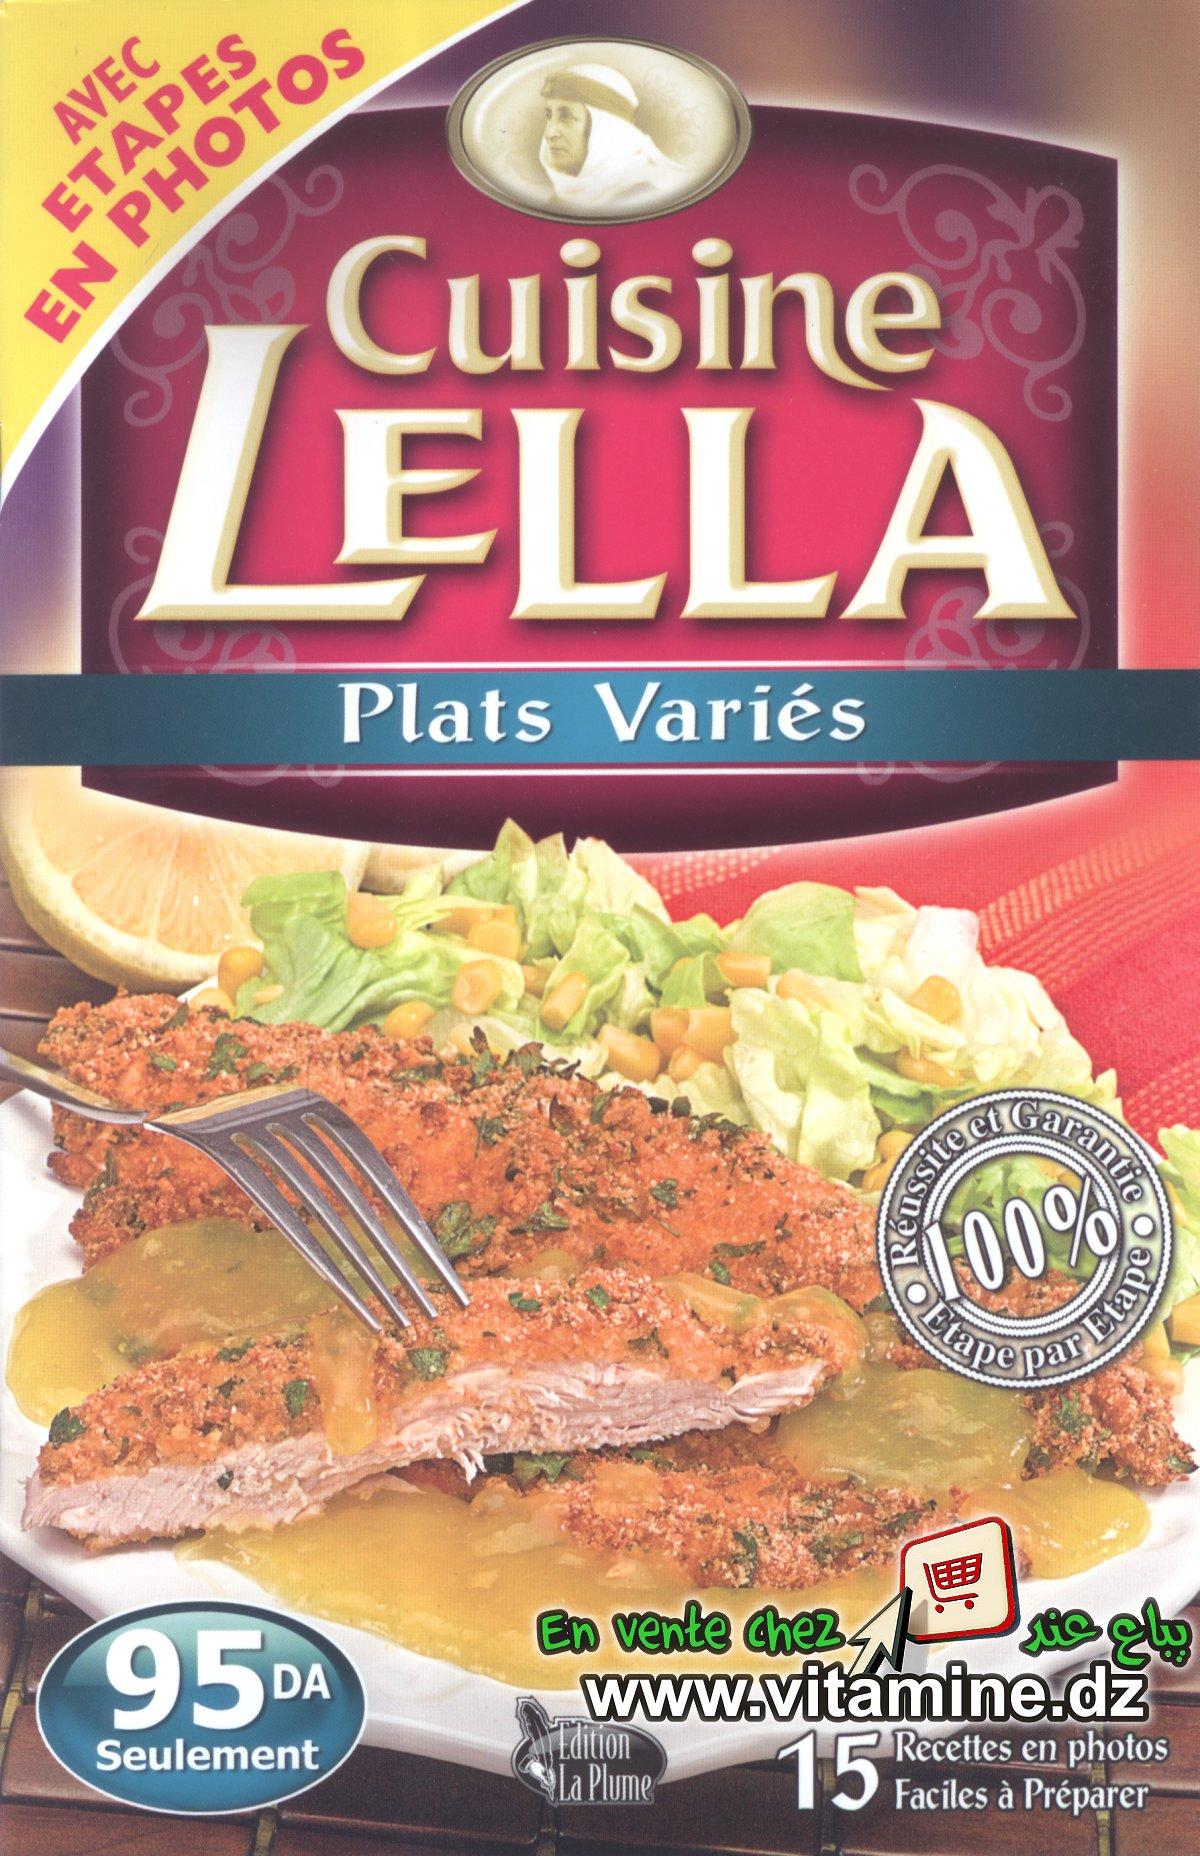 Cuisine Lella - Plats variés